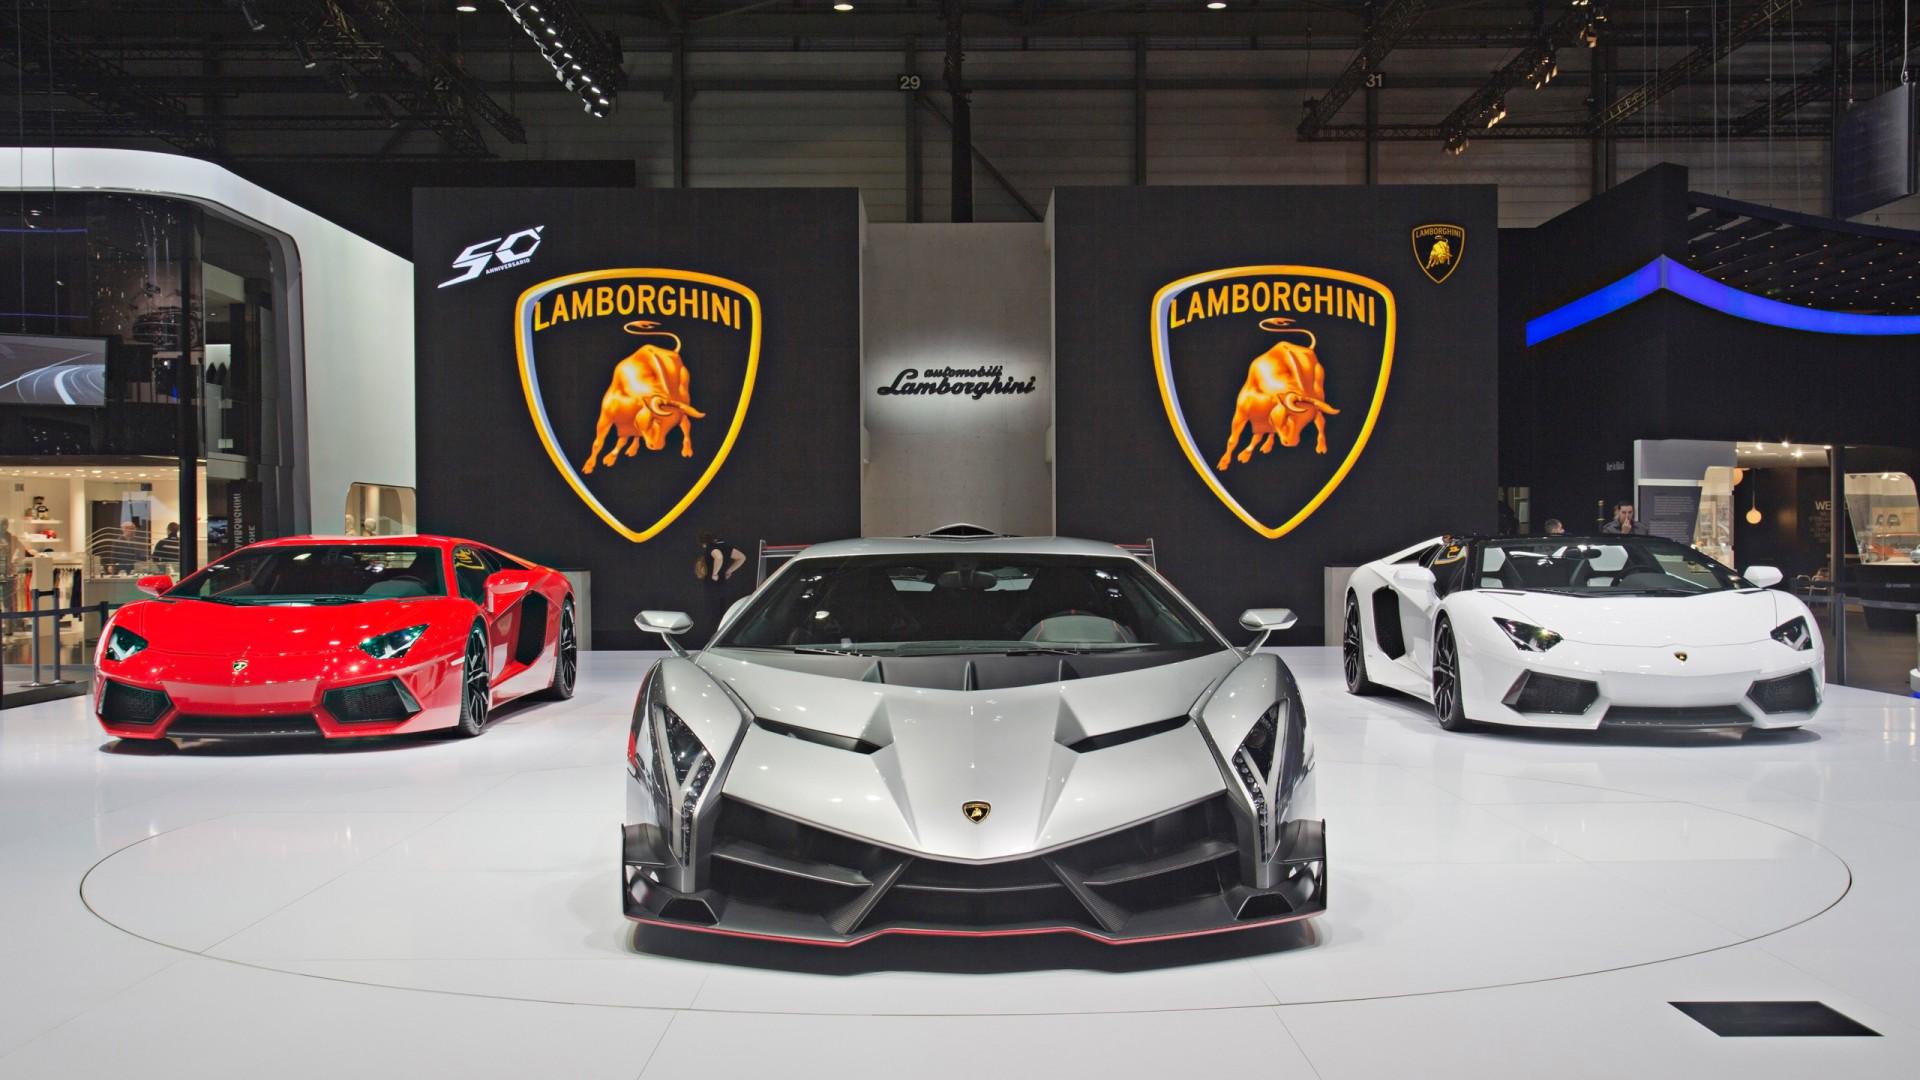 2013 Lamborghini Veneno Geneva Motor Show Wallpaper | HD ...